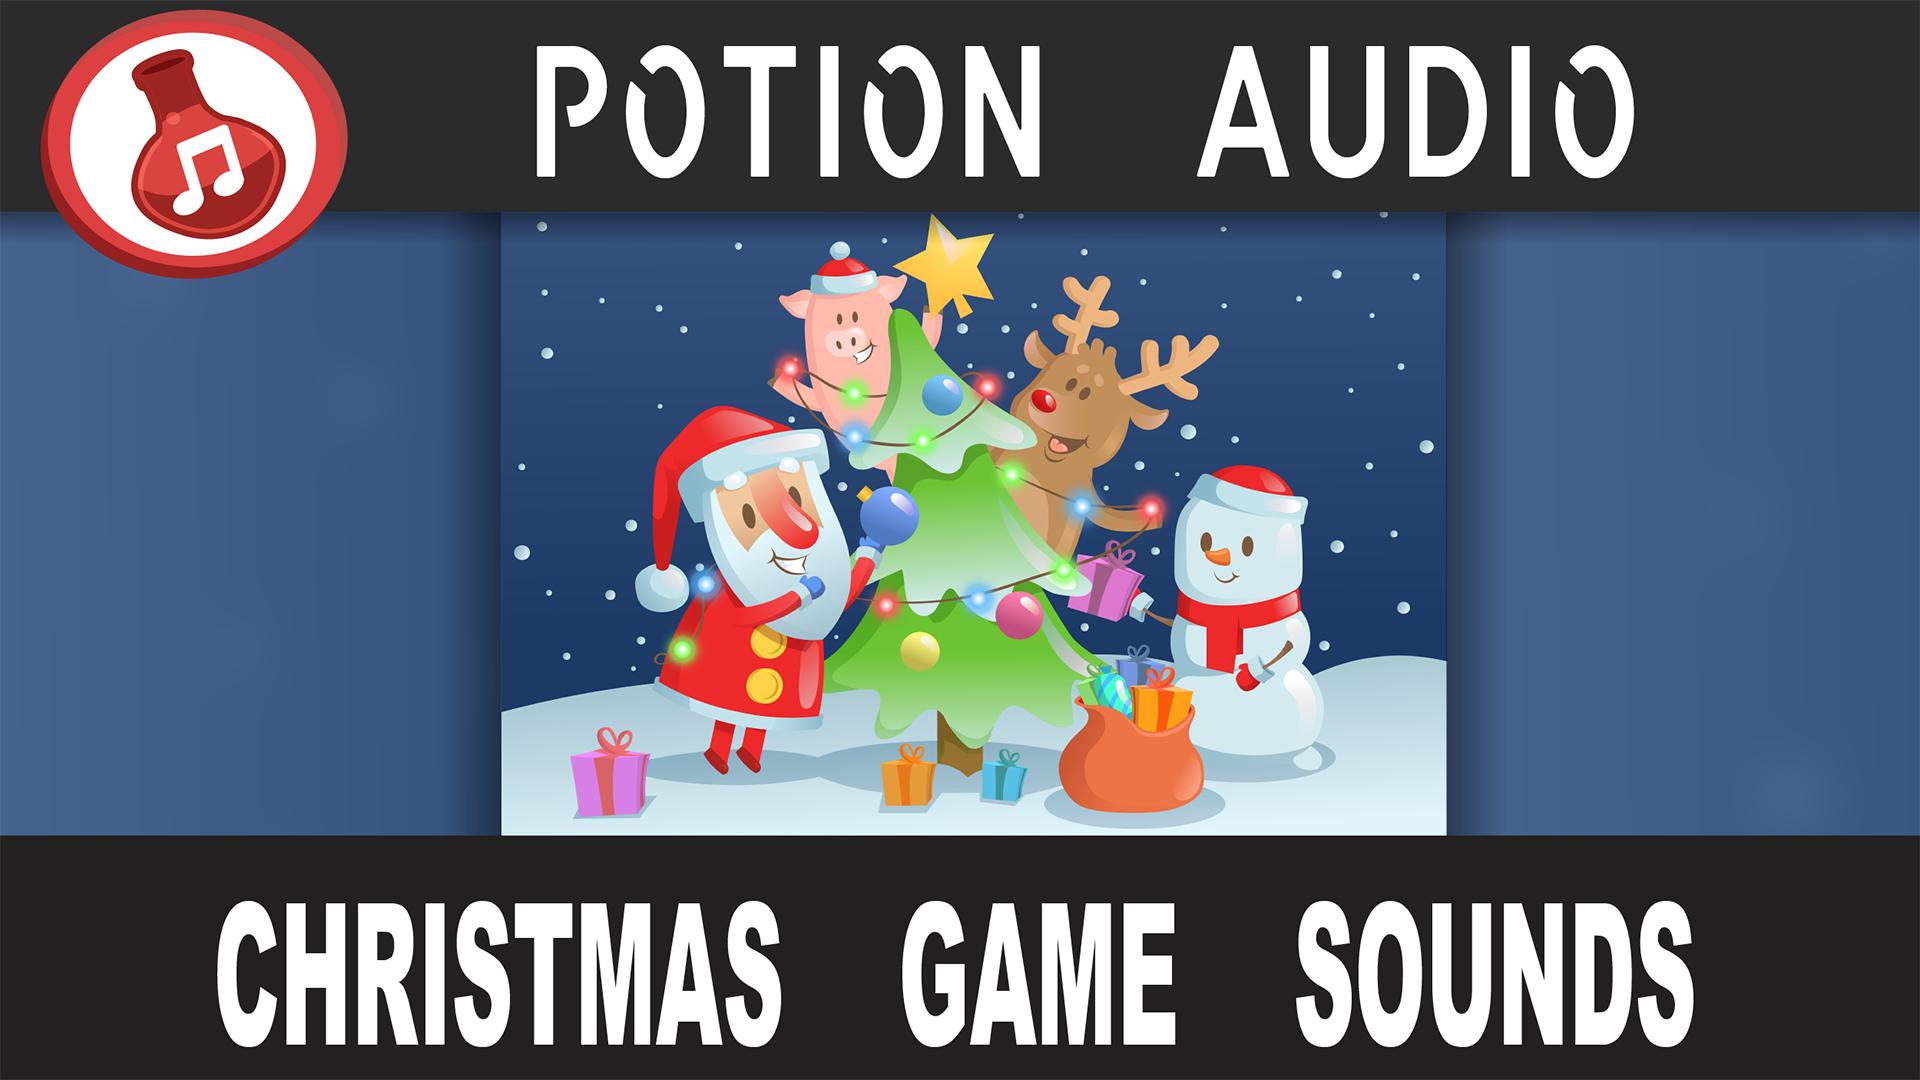 Christmas Game Sounds